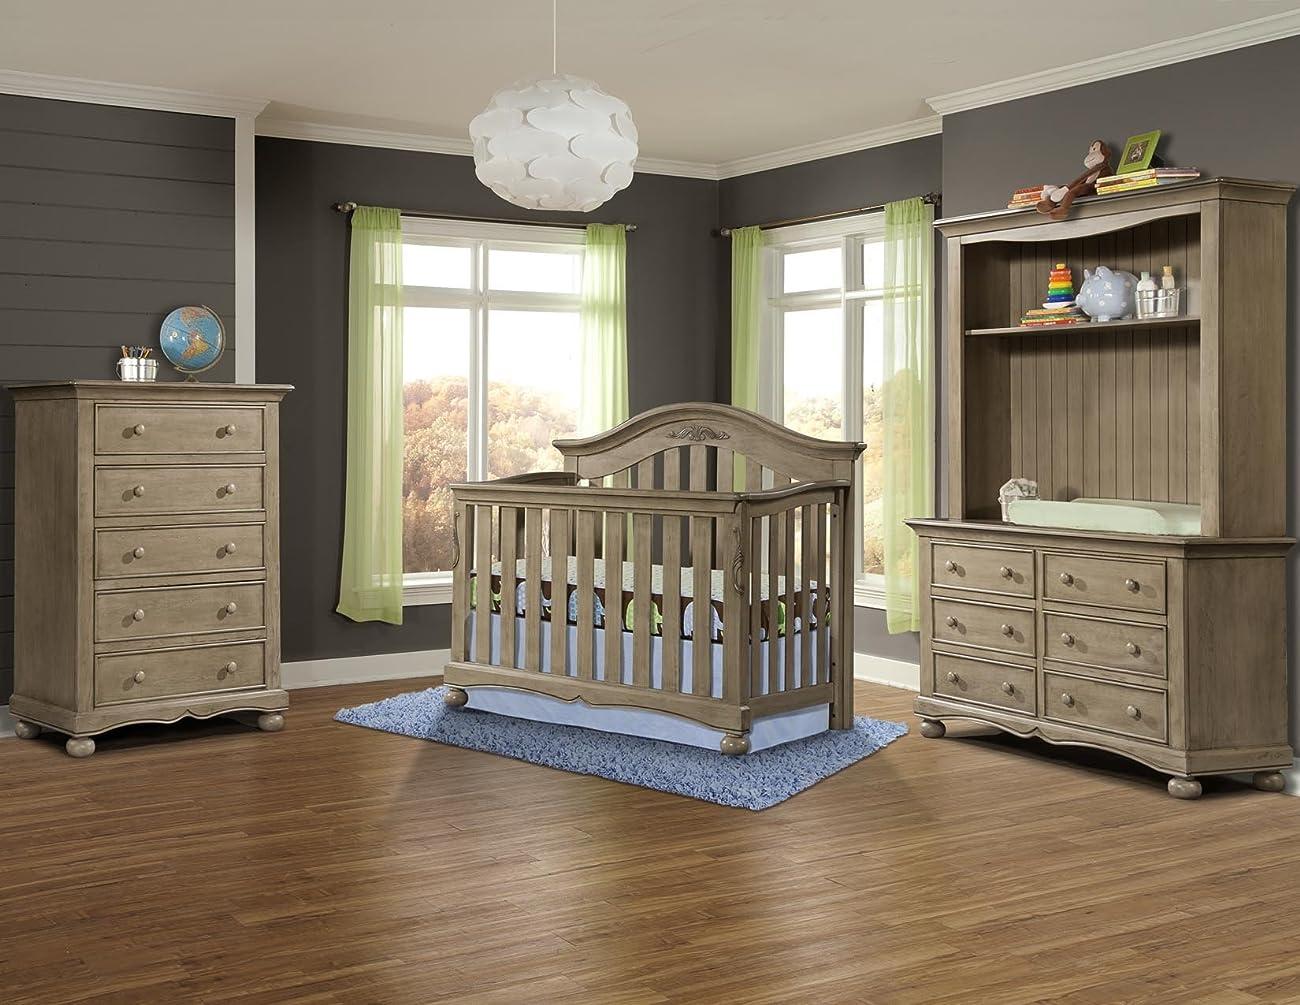 Westwood Design Meadowdale 4-in-1 Convertible Crib, Vintage 1